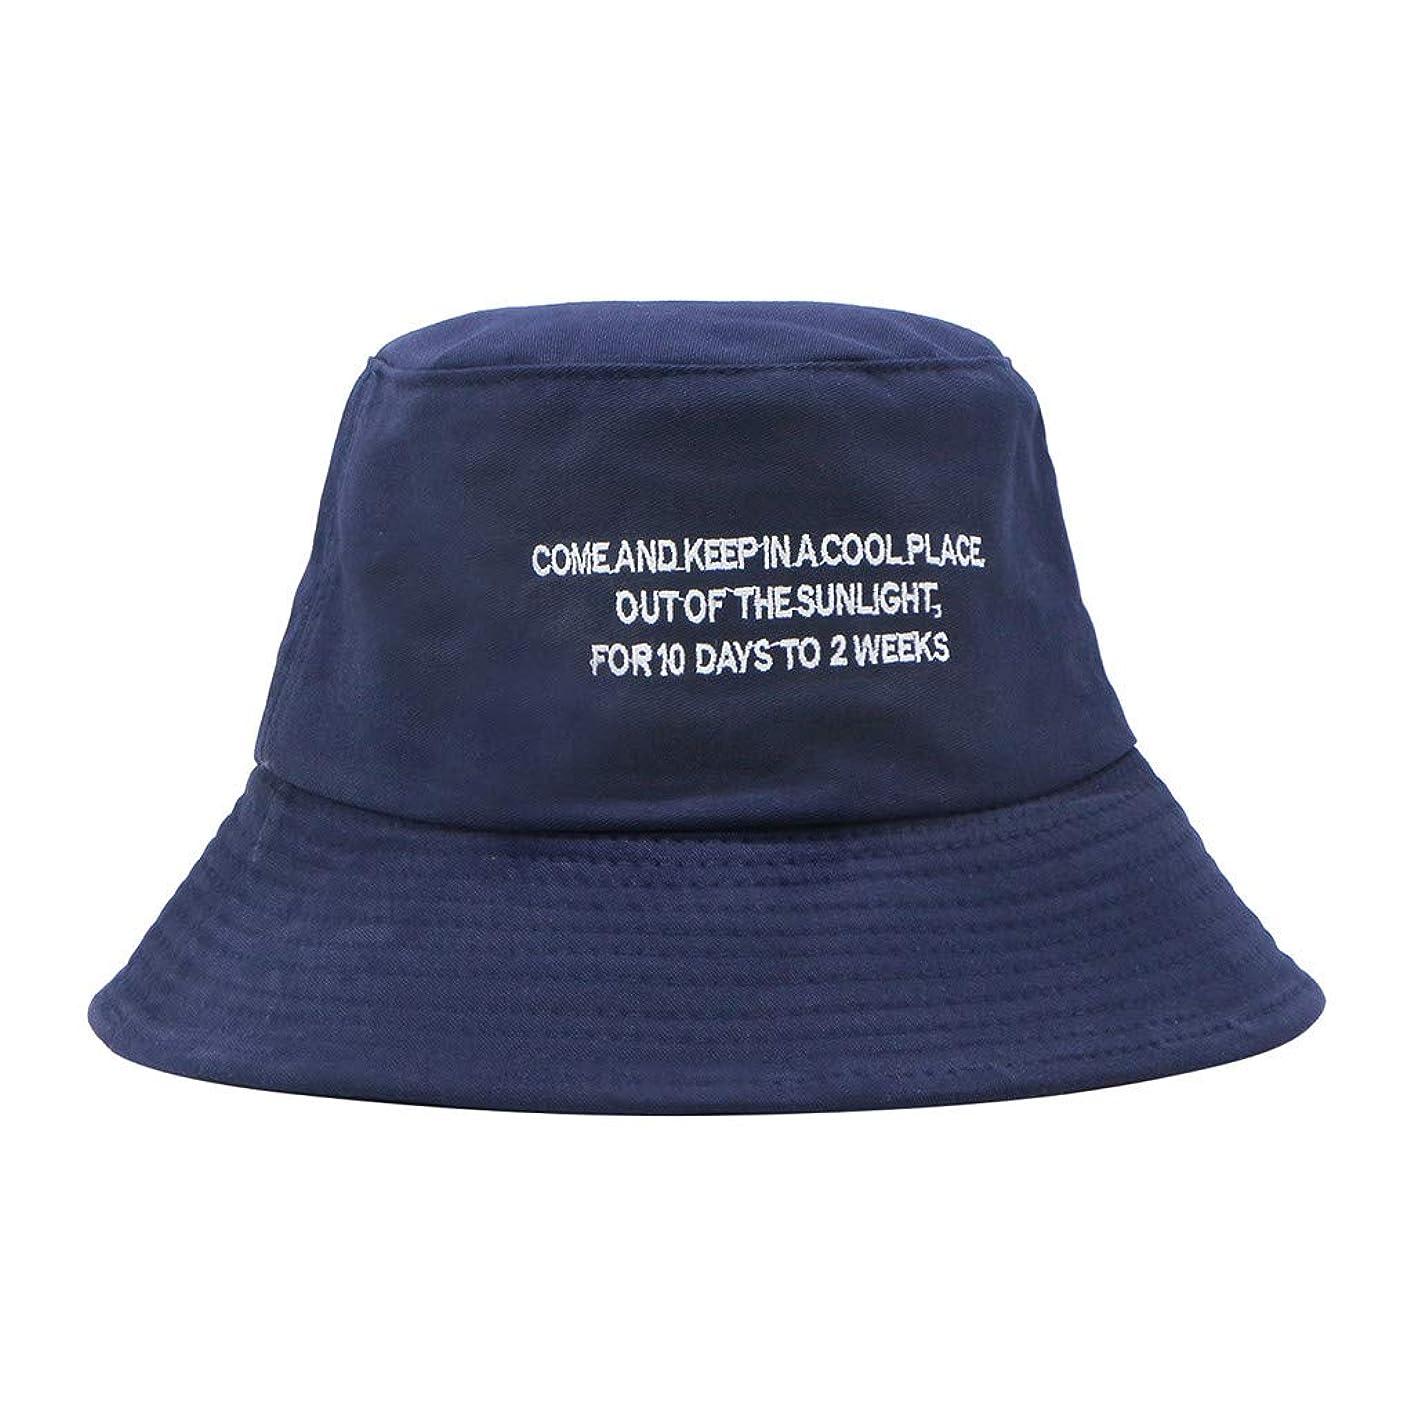 ラボええ裏切る帽子 レディース 漁師の帽子 日よけ帽子 つば広 紫外線対策 小顔効果 夏季 女優帽 UVカット 高性能 高耐久性 春夏 UVカット 旅行 折りたたみ 綿 ハット メンズ 大きいサイズ ニット帽 キャップ 鉛筆 ROSE ROMAN